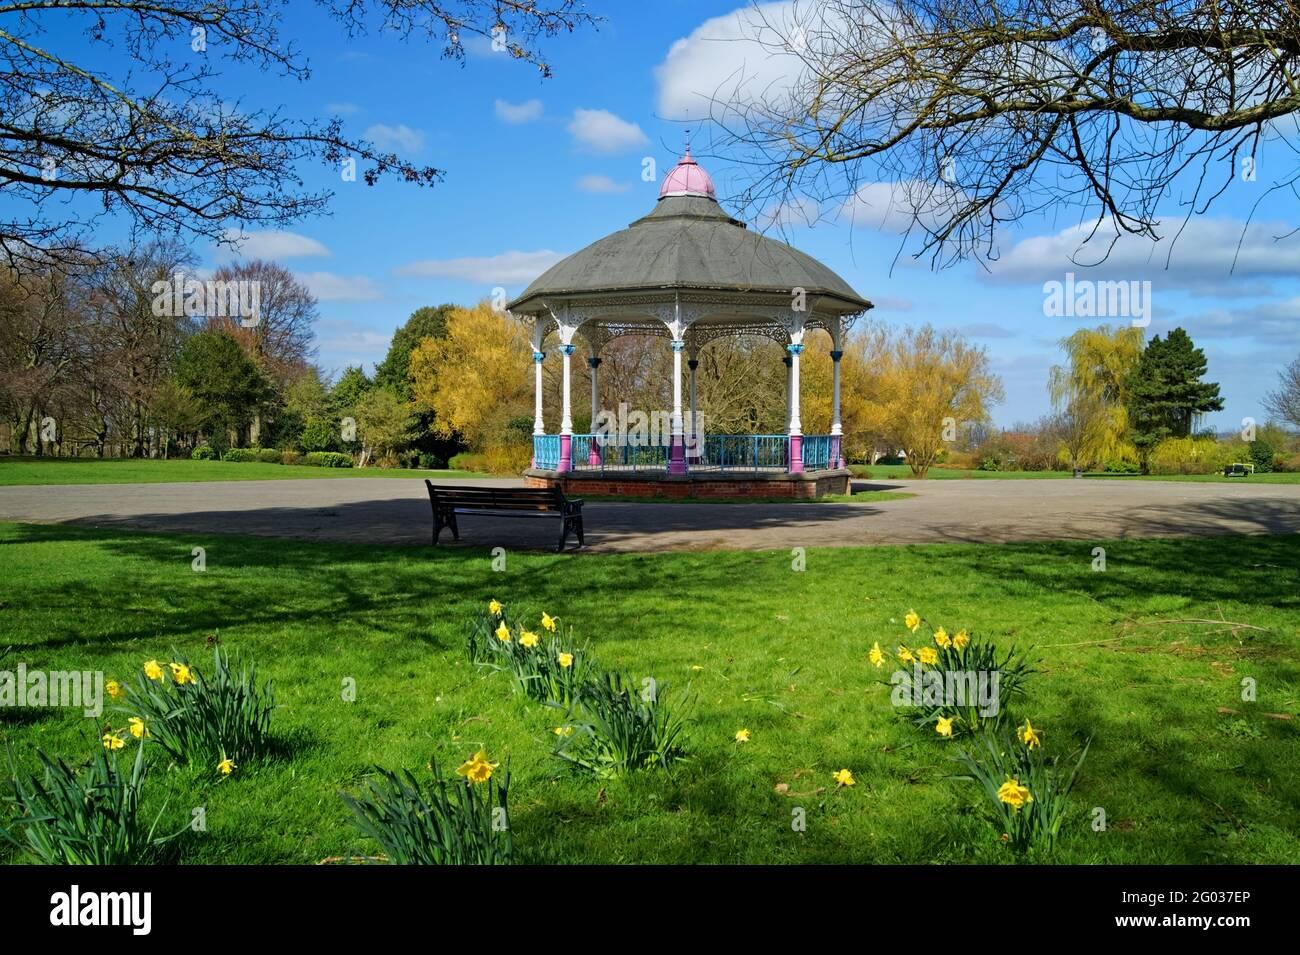 Royaume-Uni, Yorkshire du Sud, Barnsley, kiosque à musique Locke Park Banque D'Images